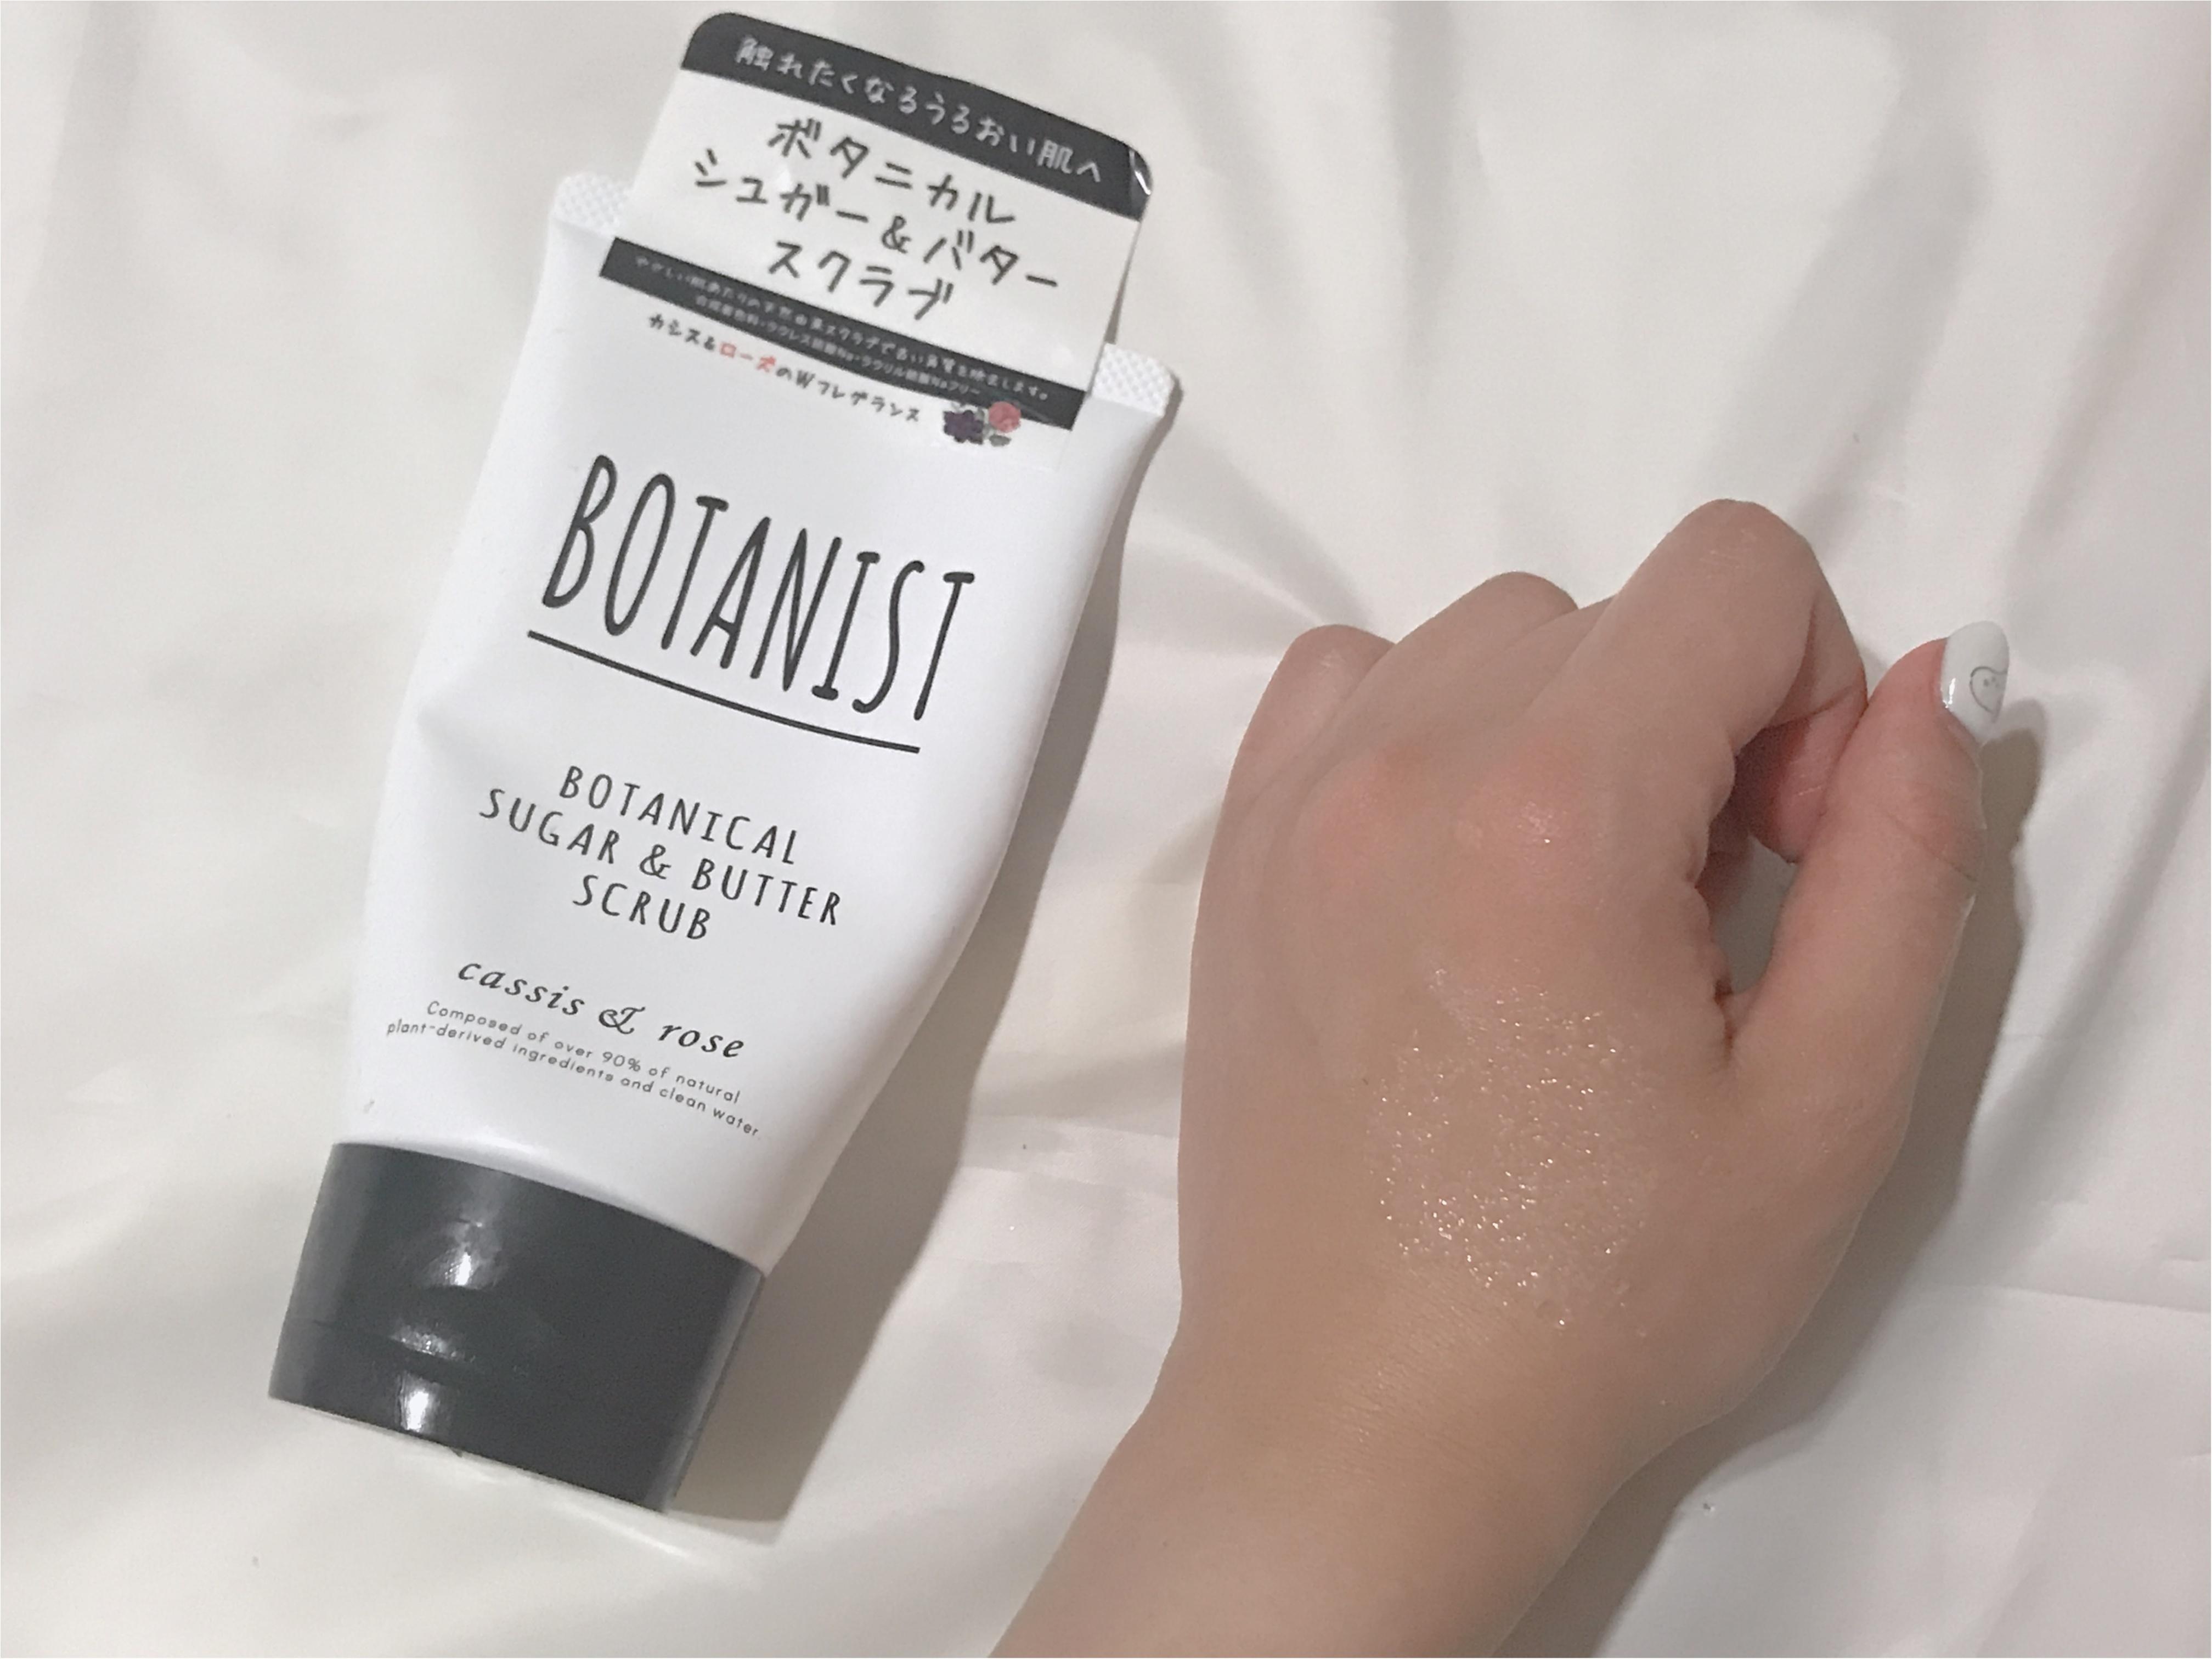 美白化粧品特集 - シミやくすみ対策・肌の透明感アップが期待できるコスメは?_44